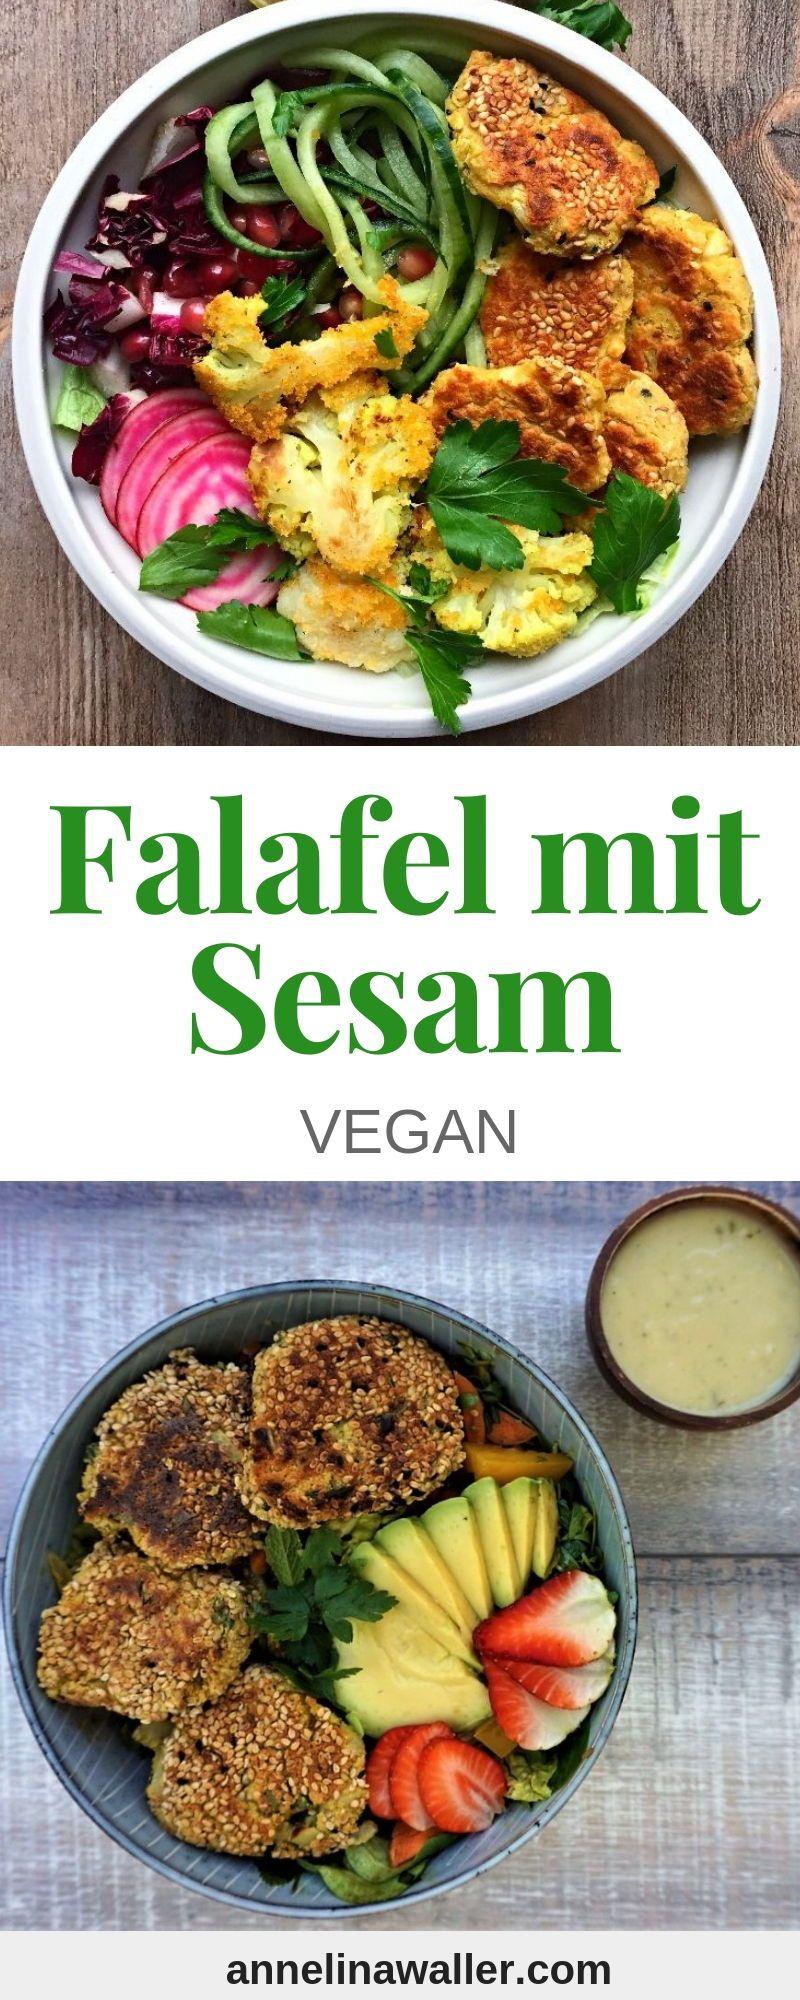 Vegane Rezepte Deutsch Vegane Rezepte Mittag Vegane Rezepte Schnell Vegane Rezepte Backen Vegane Rezep Vegane Rezepte Vegane Rezepte Gesund Gesunde Rezepte